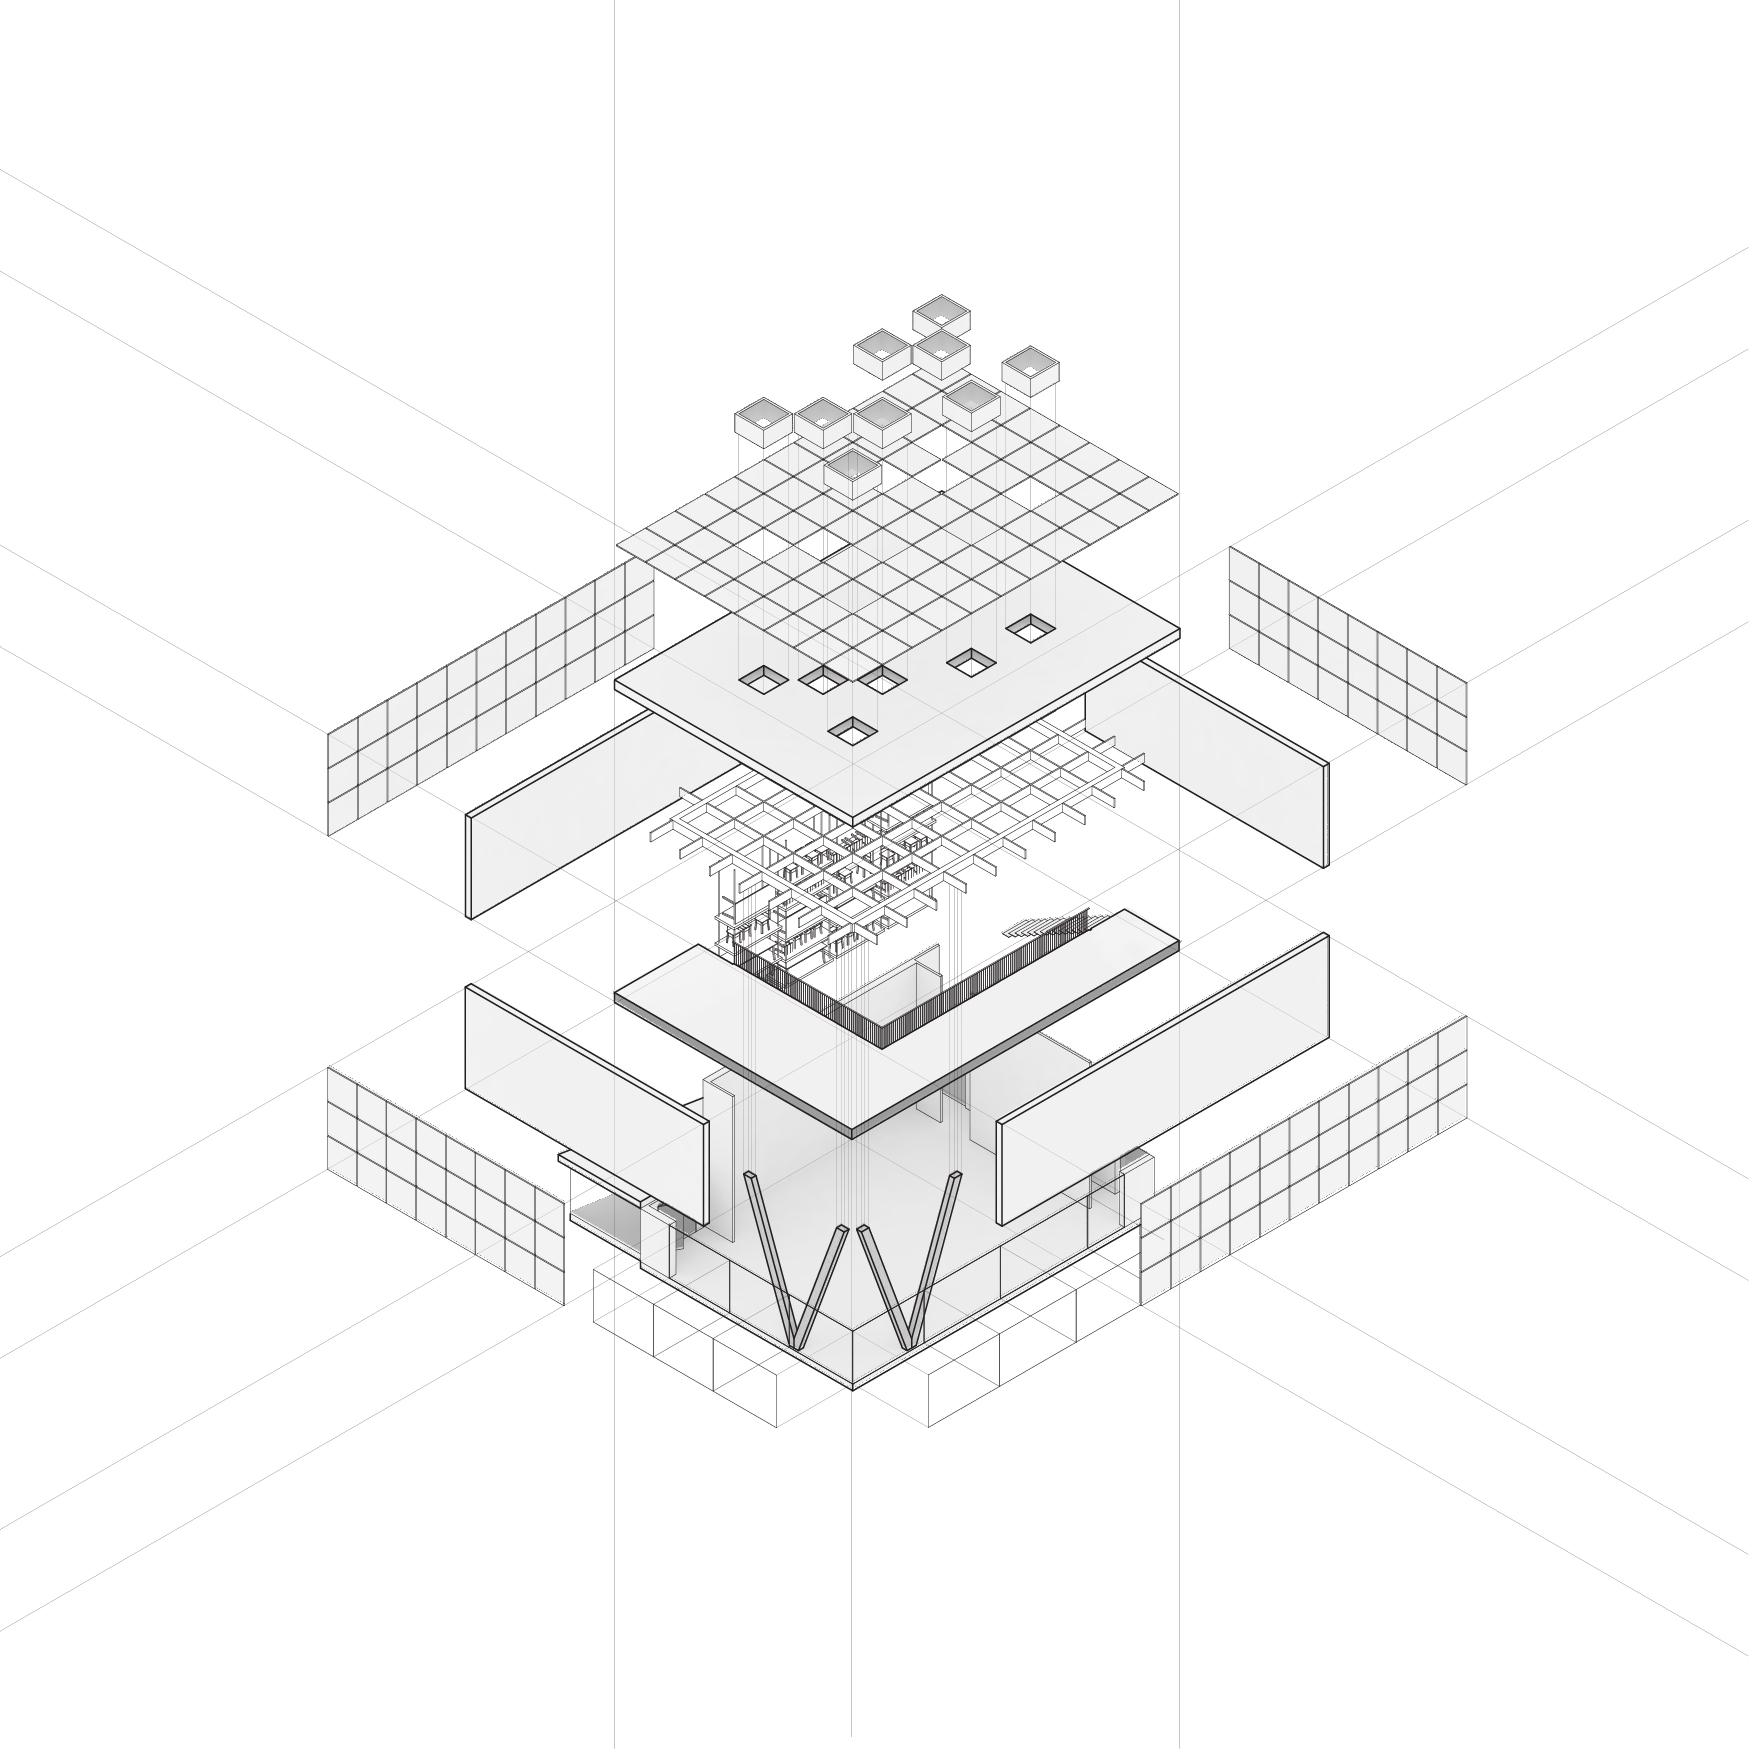 Fremtidens Fiskevær – Axo Spor – VÅG ARKITKETUR AS